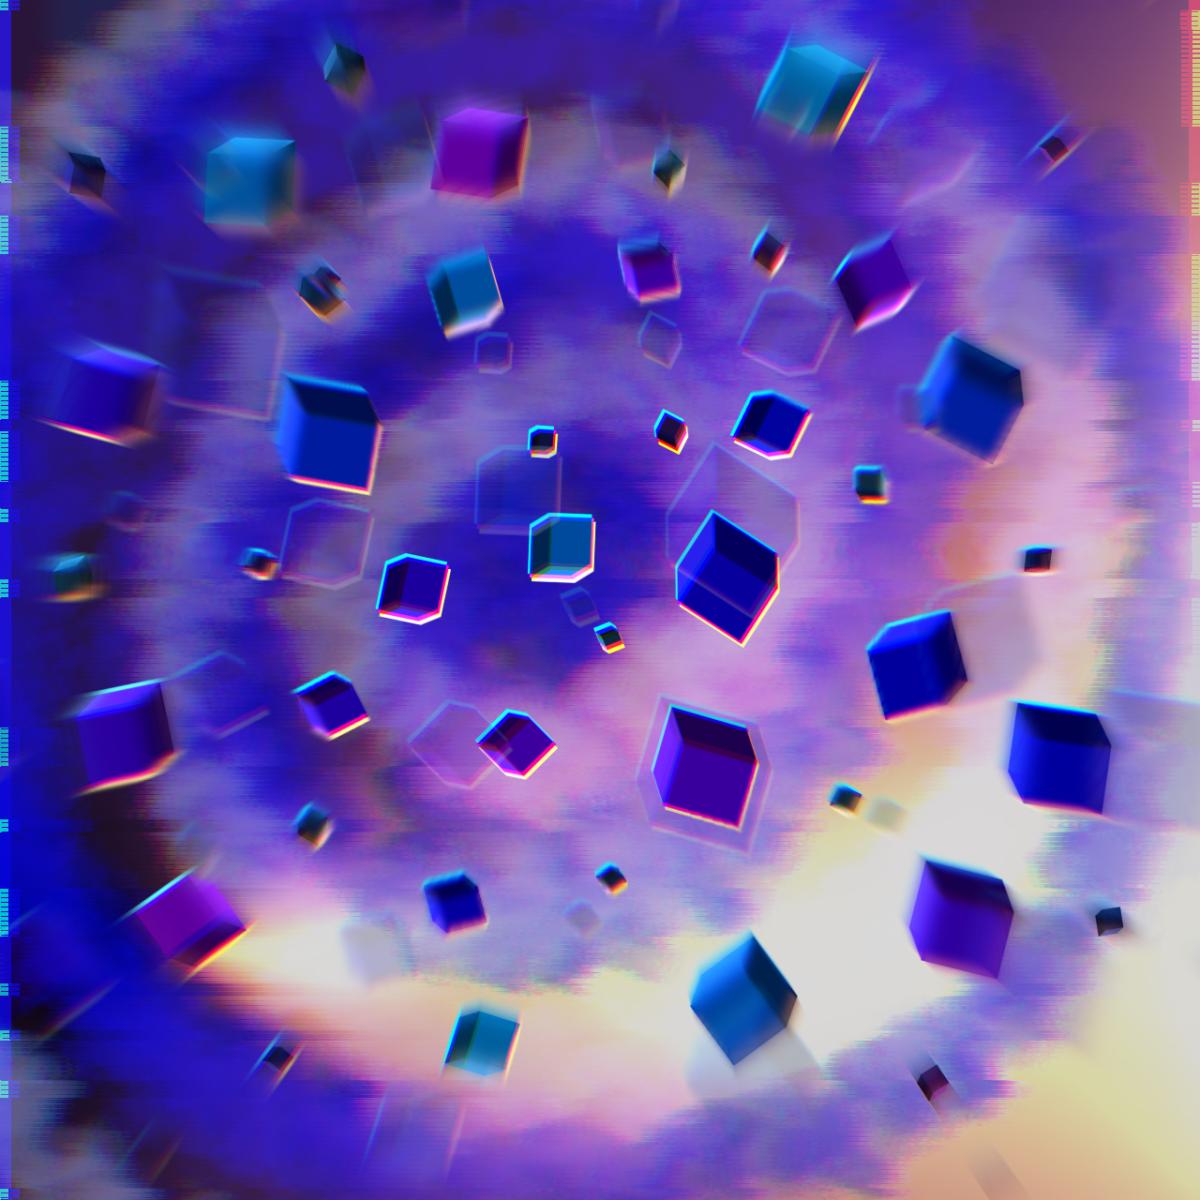 Blue cube field in space